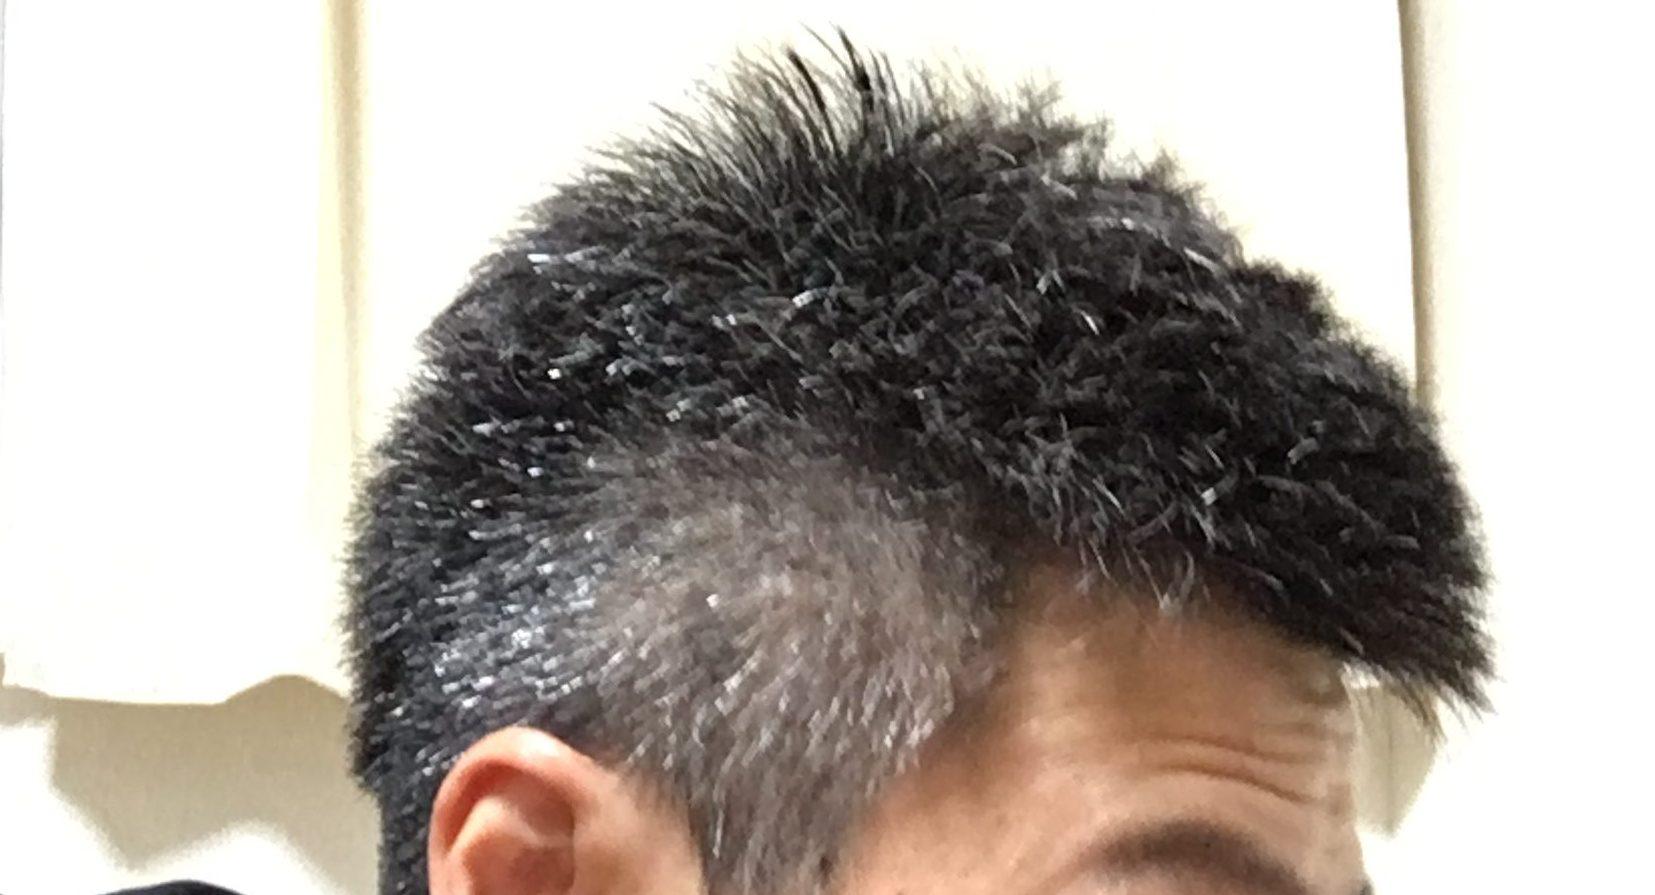 【セルフカットにおすすめのバリカン】パナソニック カットモード(ER510P)レビュー!毛くず吸引付き